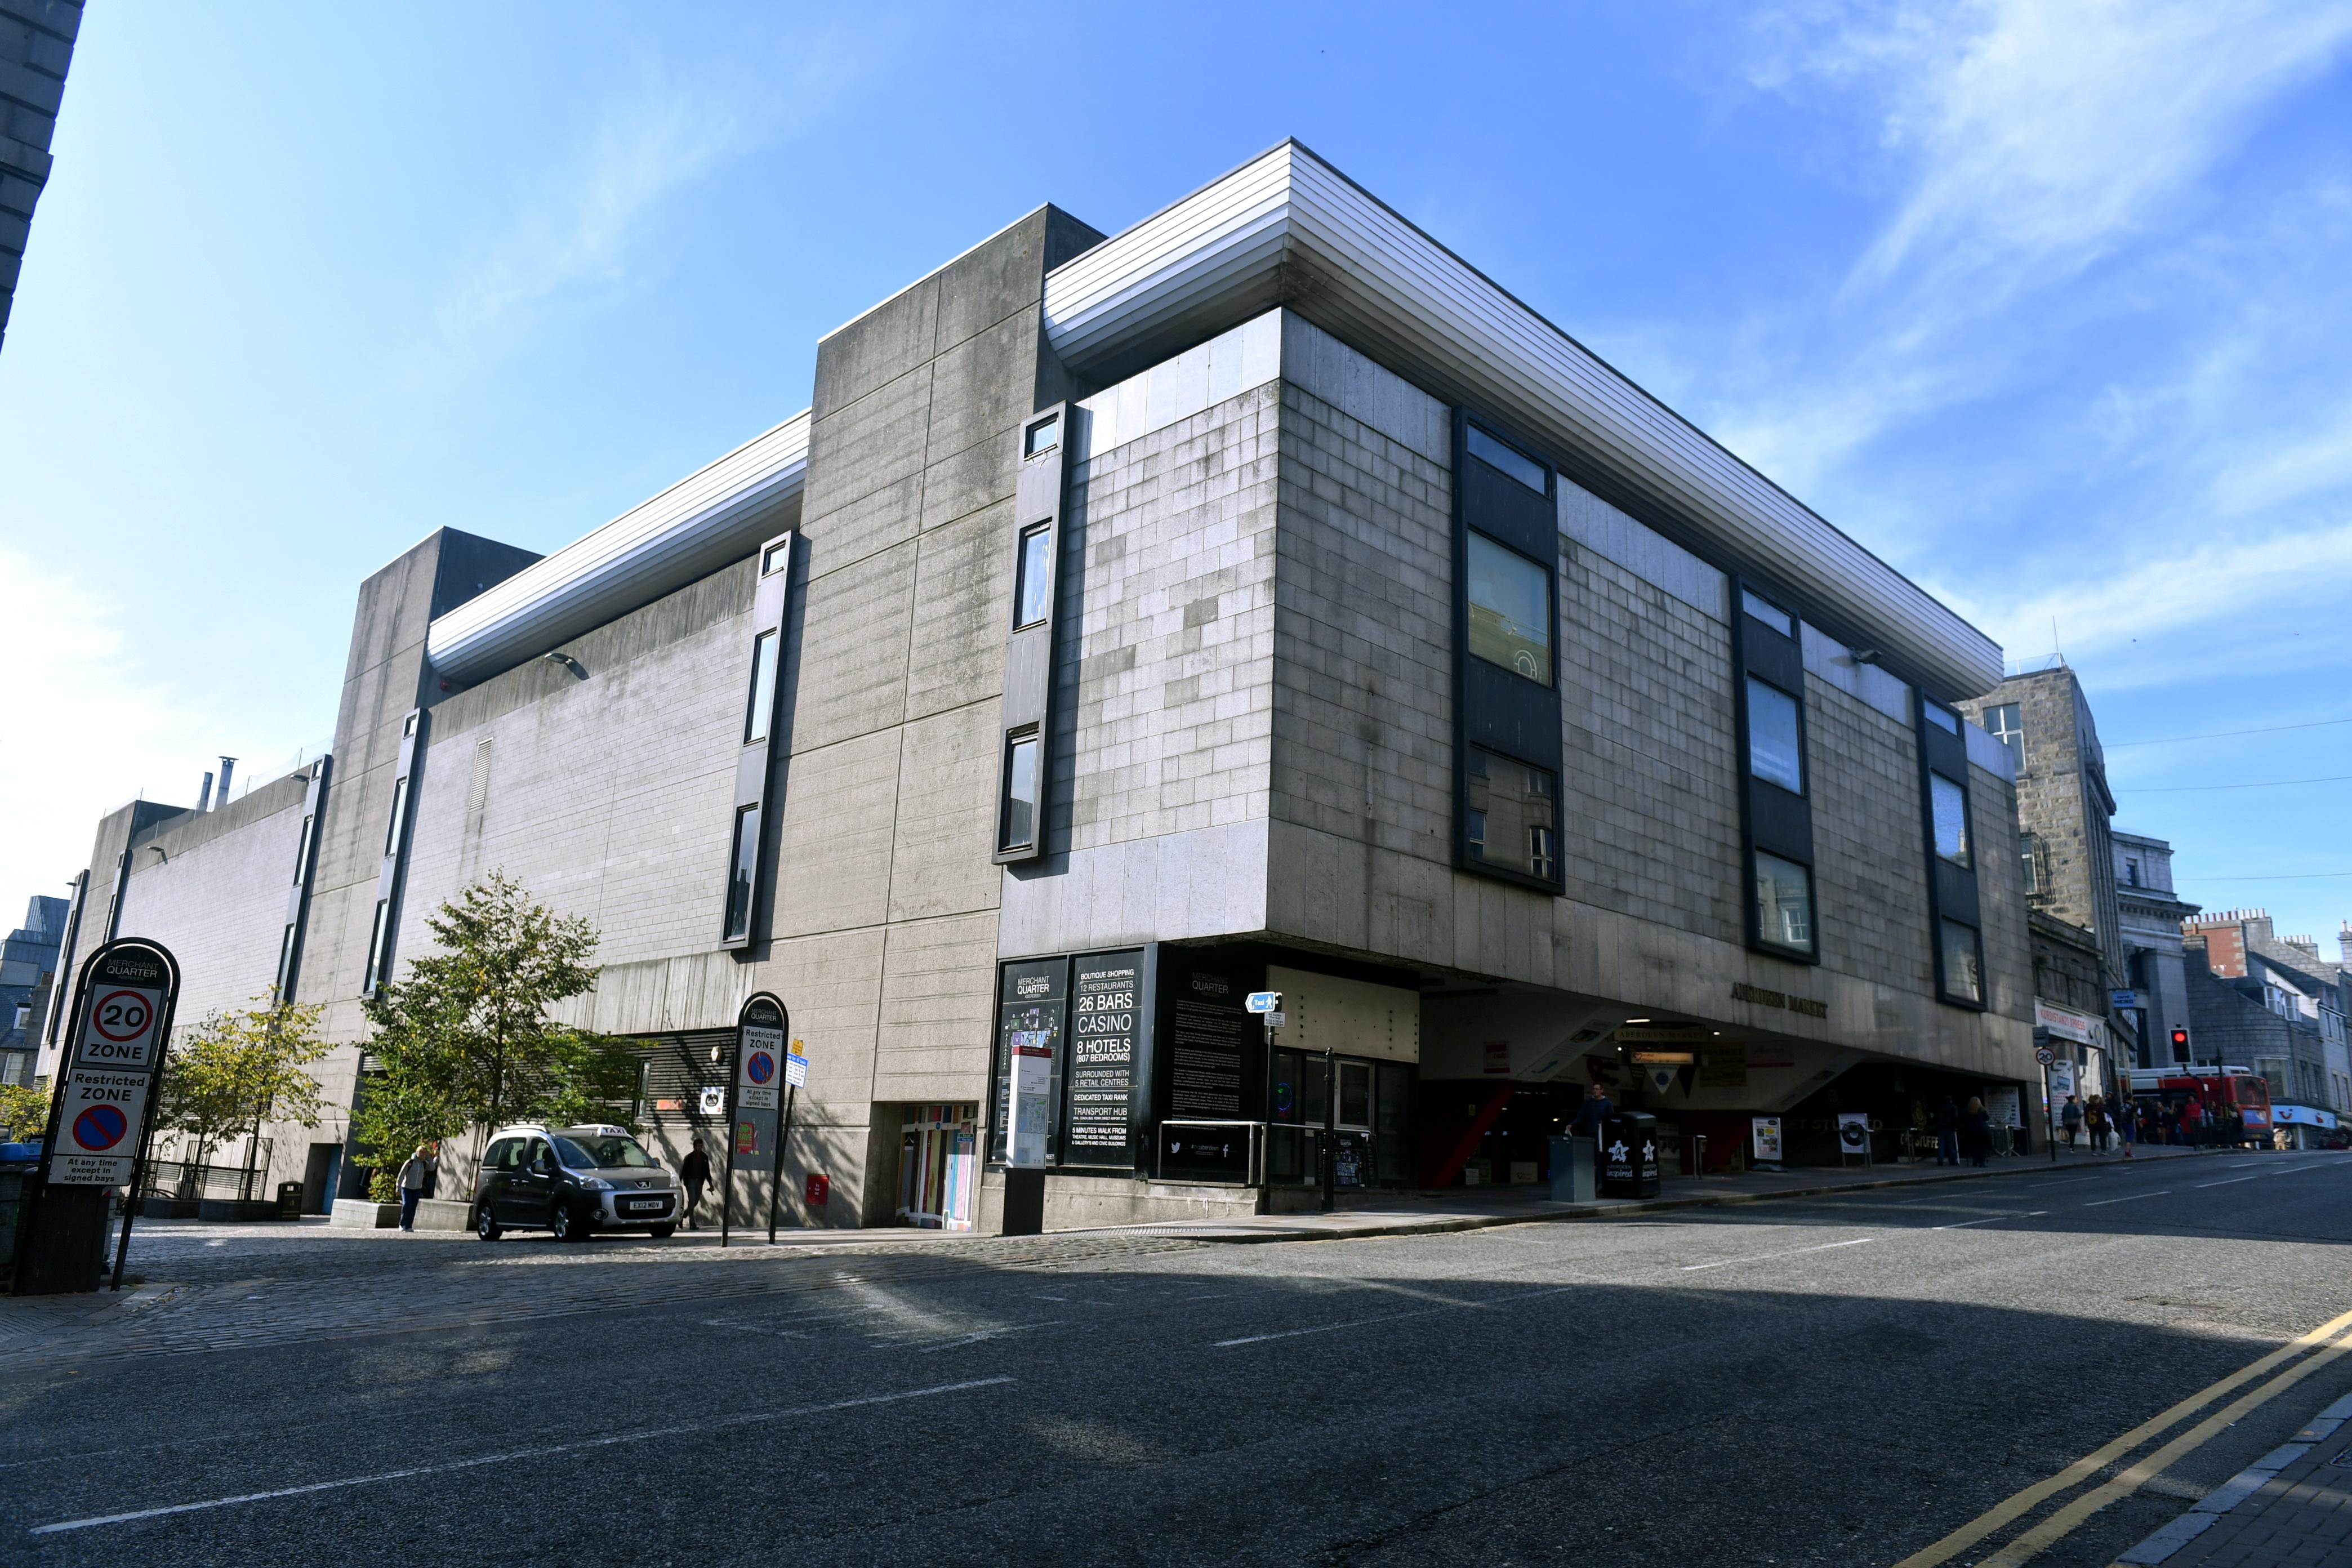 The Aberdeen Indoor Market